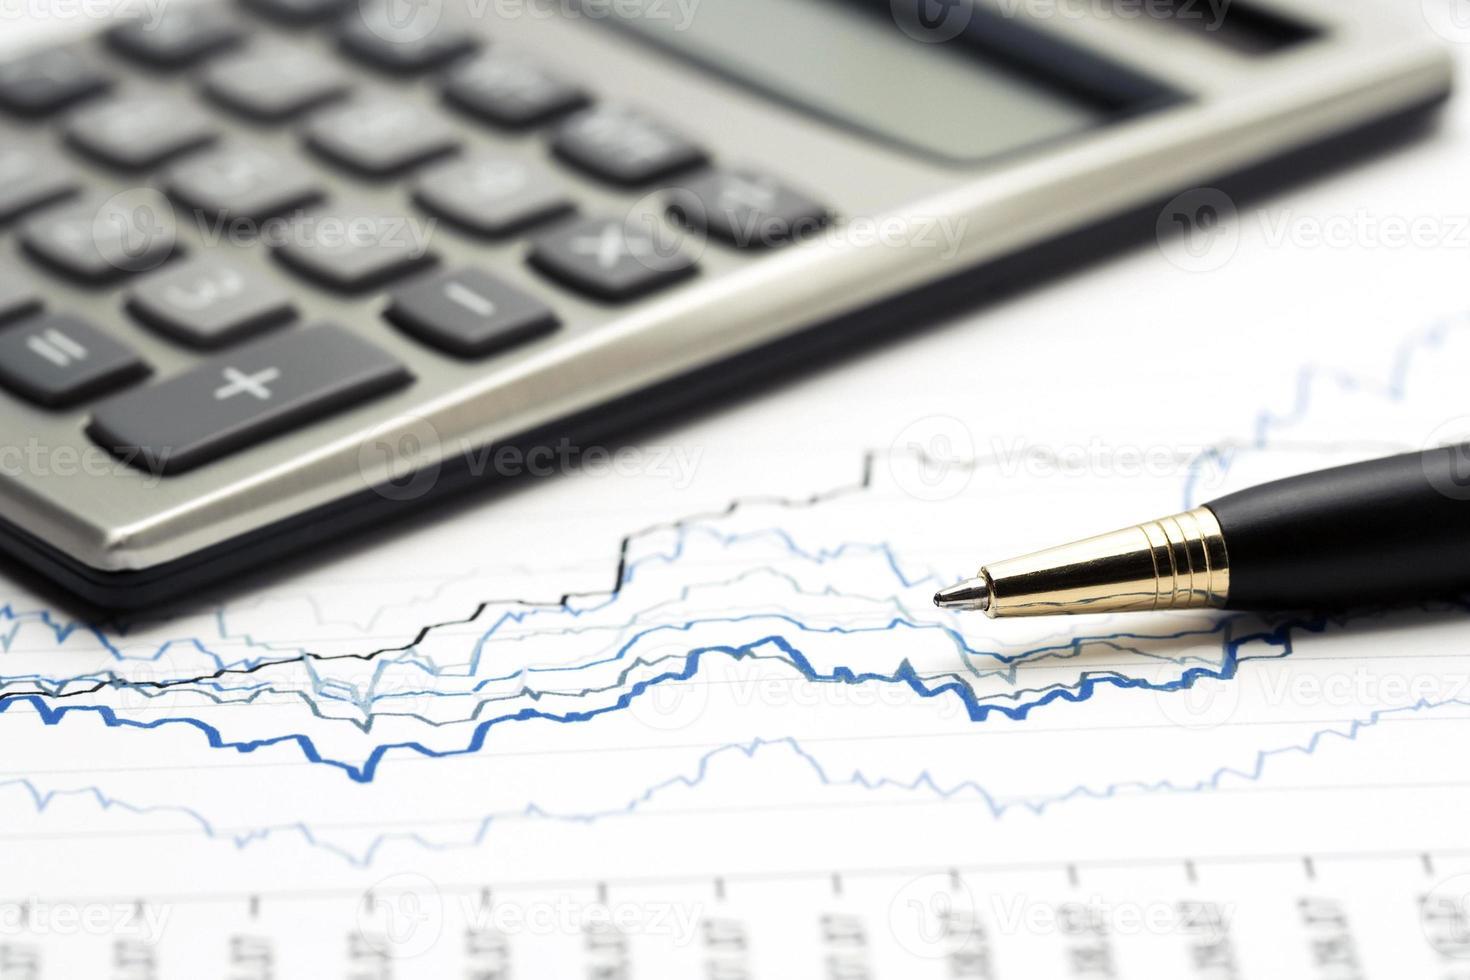 gráficos del mercado de valores contabilidad financiera foto